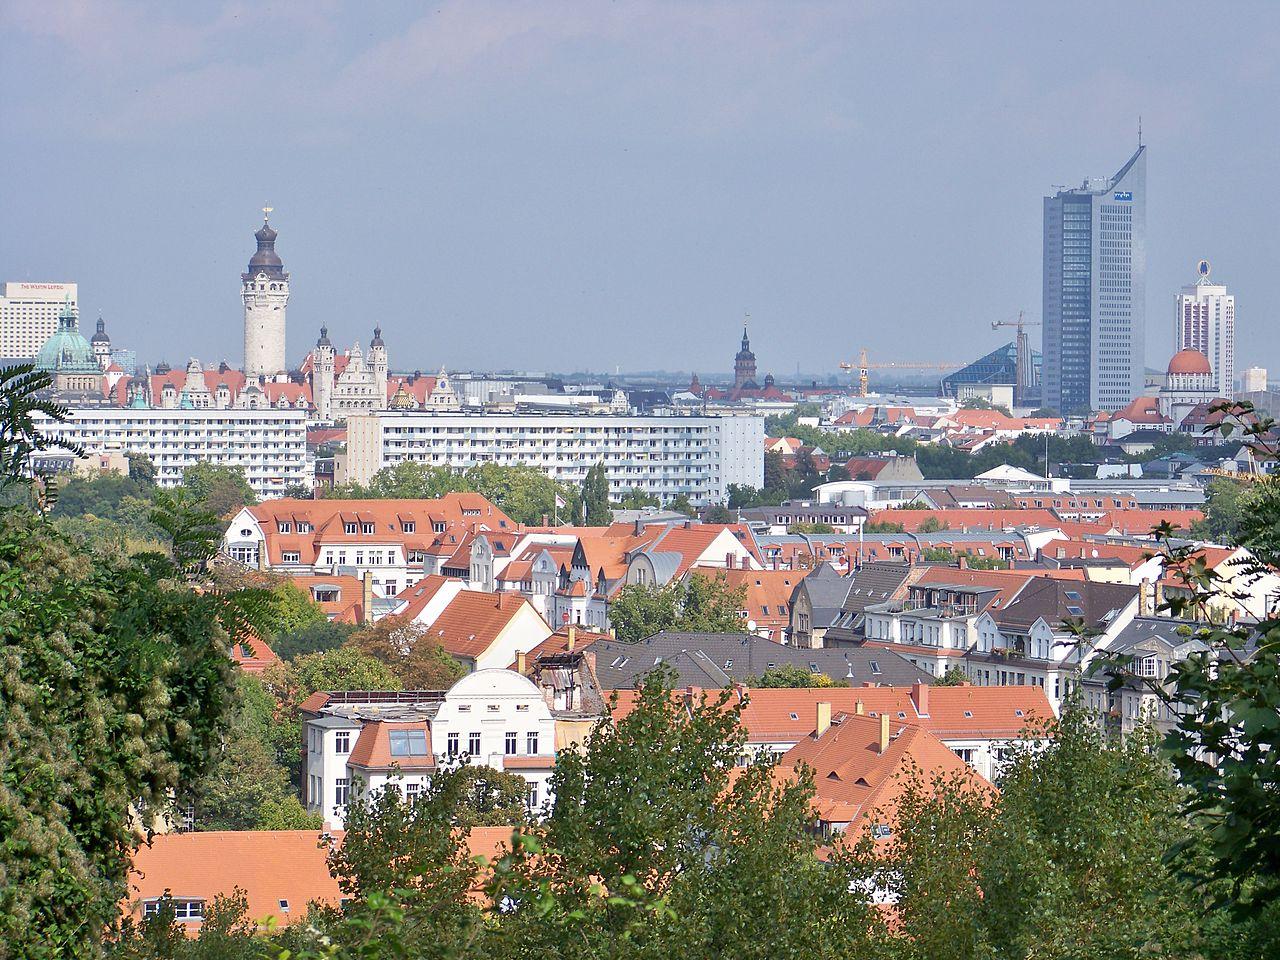 מבט כללי על לייפציג